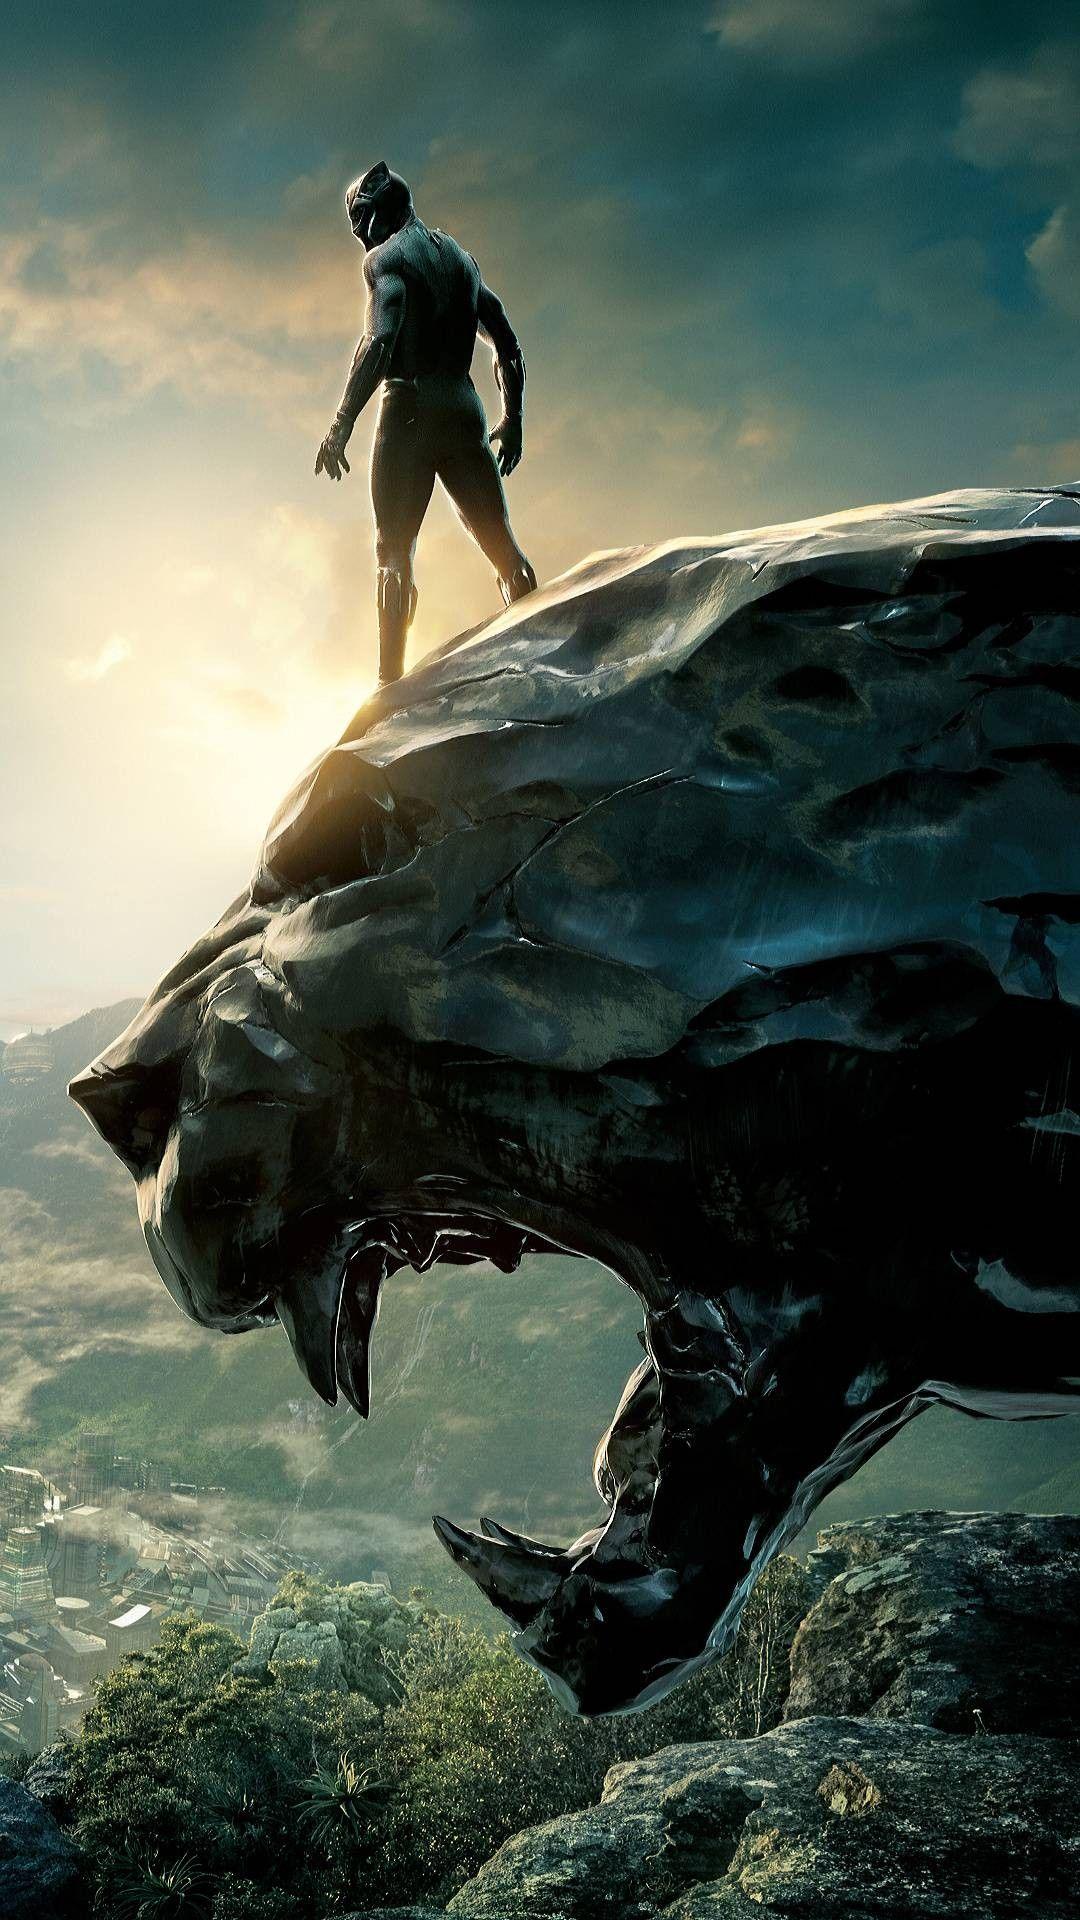 Kool HD Desktop Black Panther Wallpaper Animals